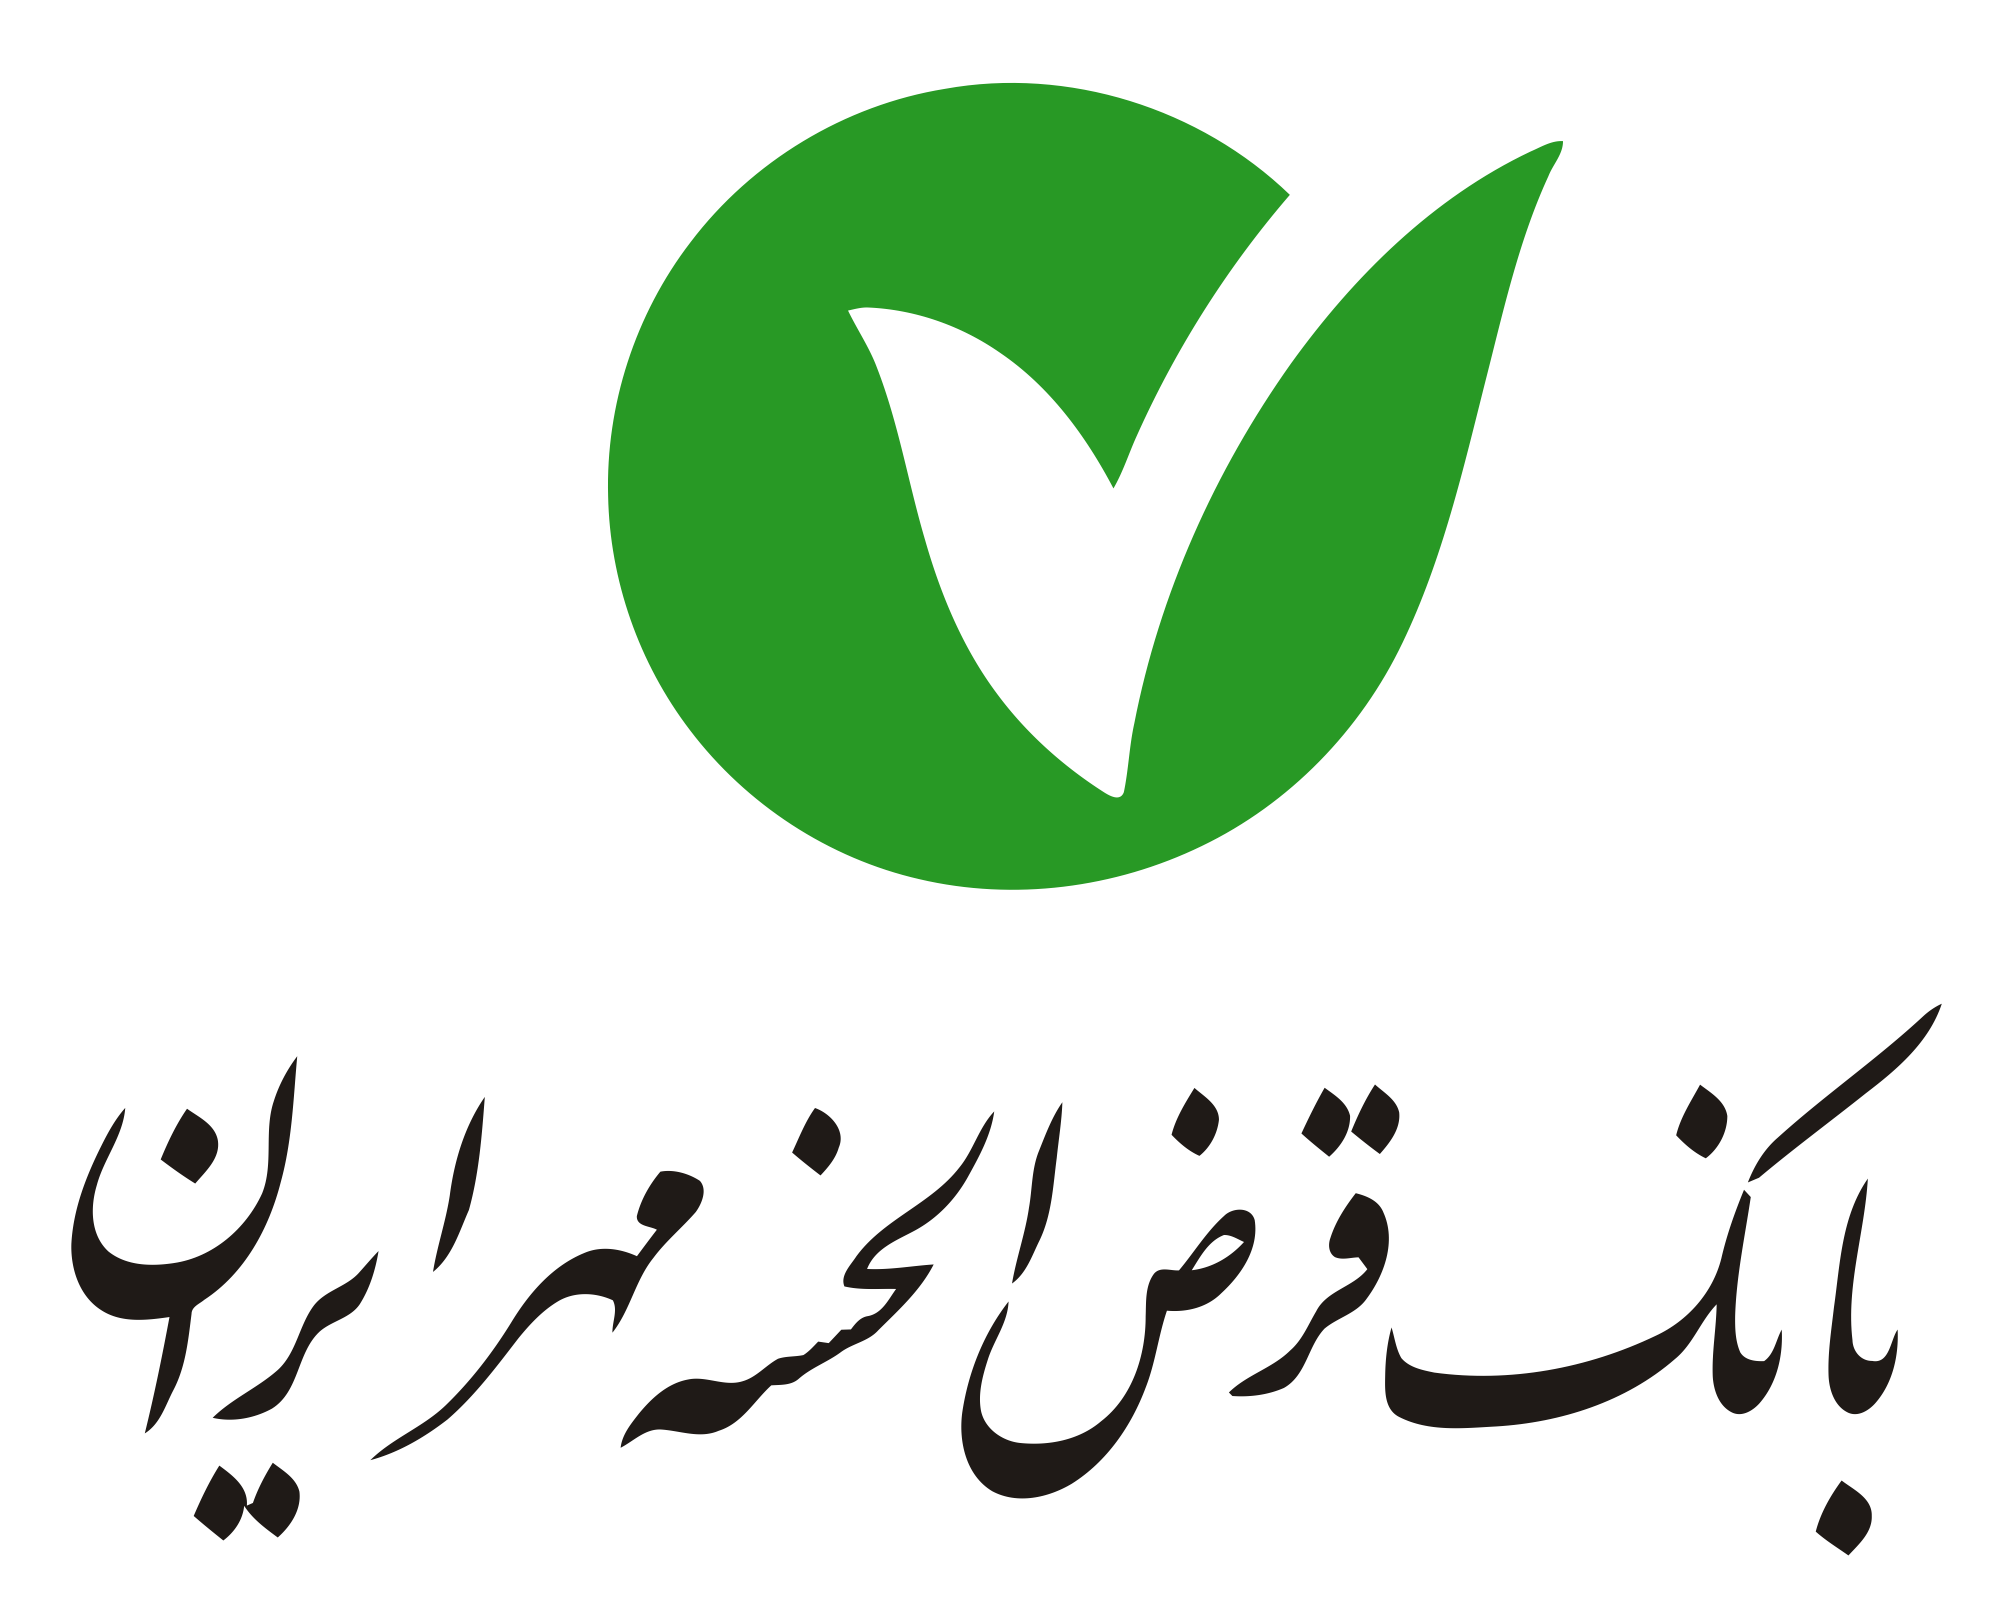 سوالات استخدامی بانک قرض الحسنه مهر ایران (کاملترین محصول سال ۹۸)